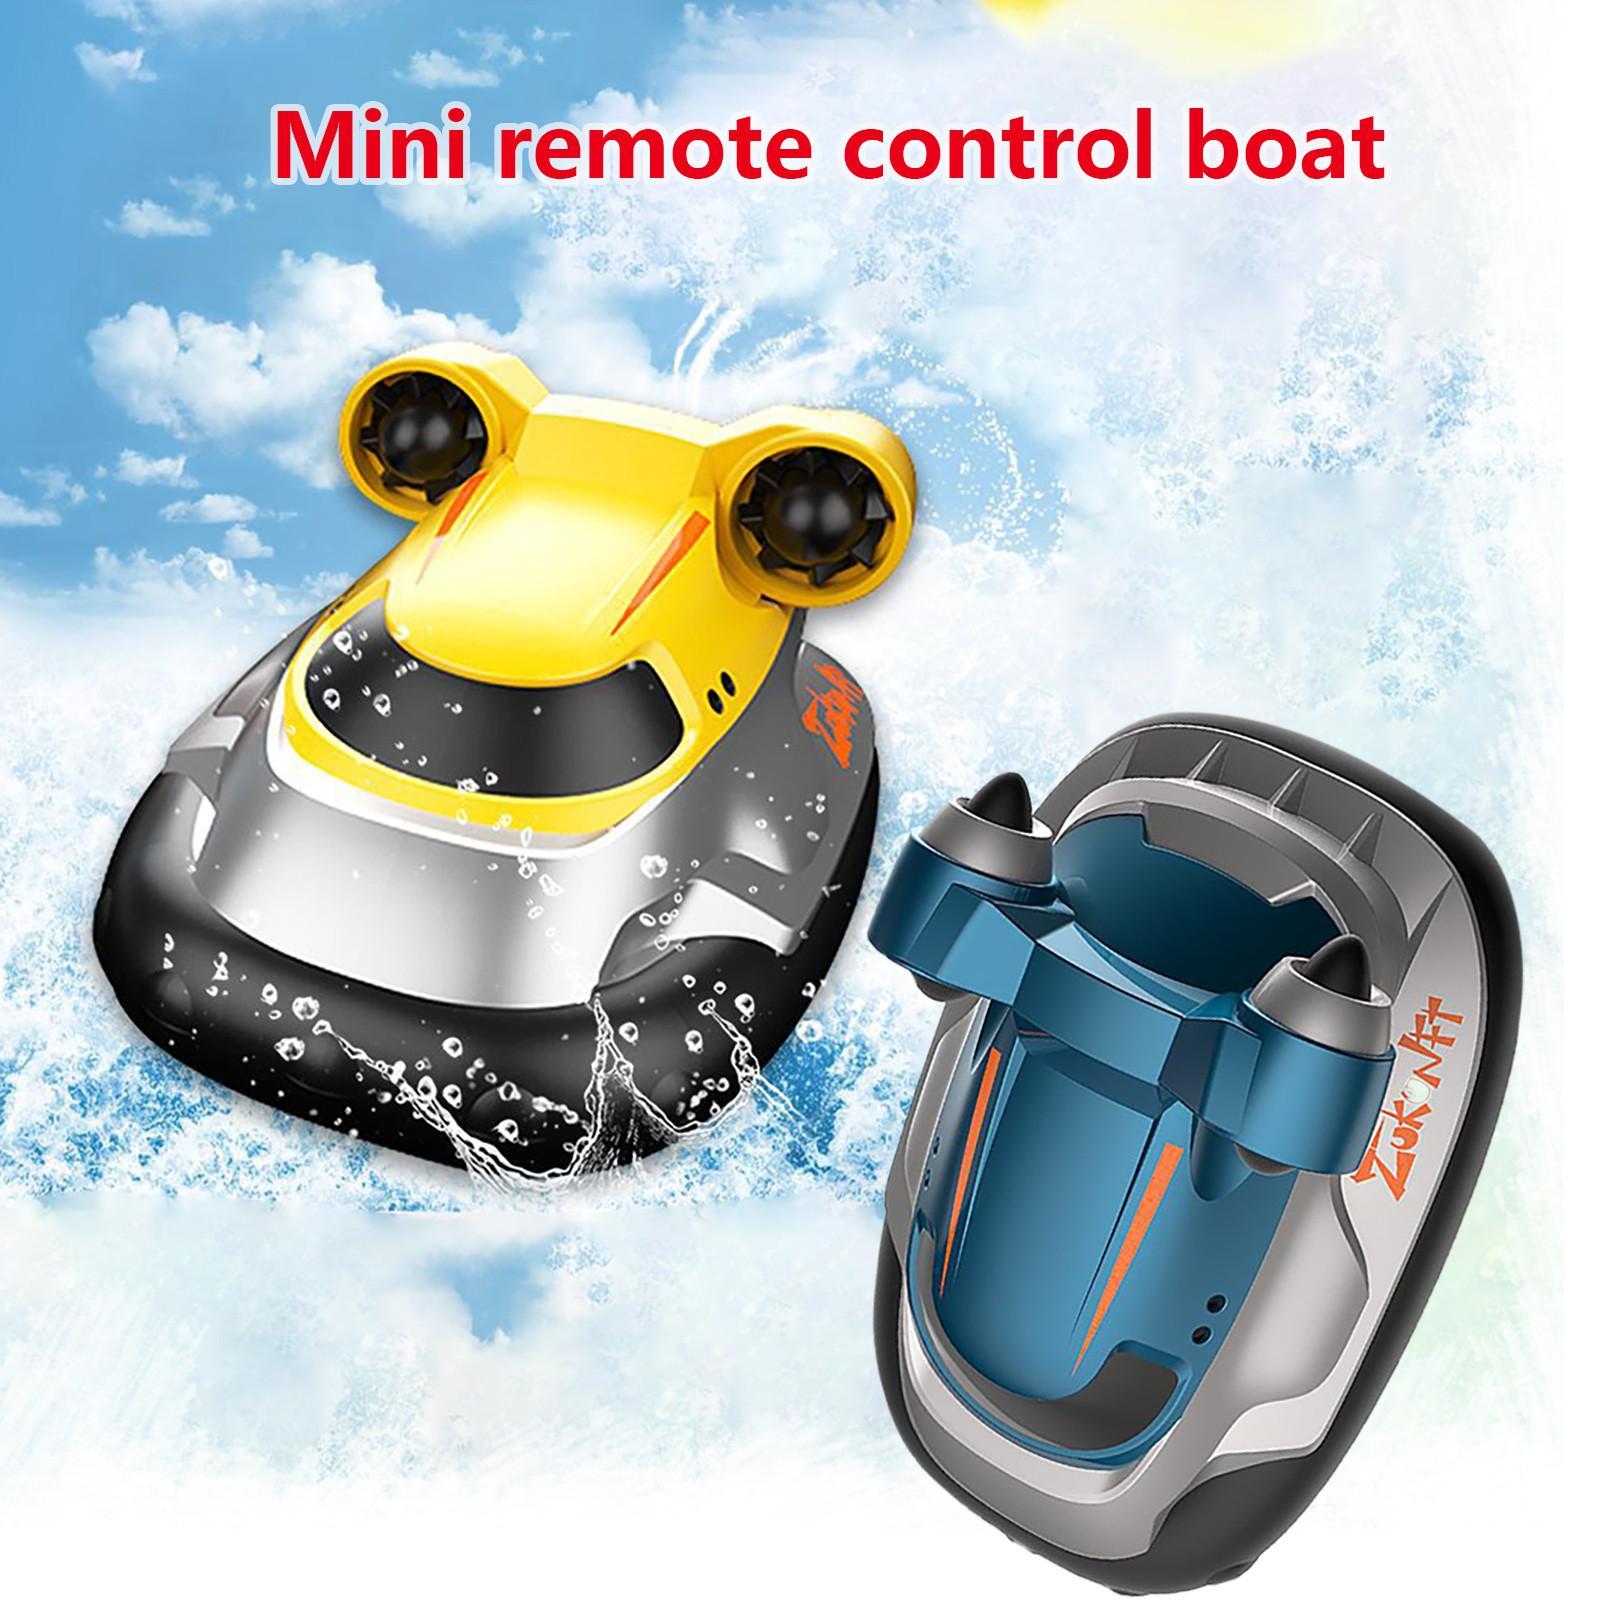 راديو التحكم عن قارب البسيطة 2.4 جرام 4ch سرعة قارب نفخ rc قارب للأطفال الأزرق التحكم الأصفر عن بعد أطفال الهدايا